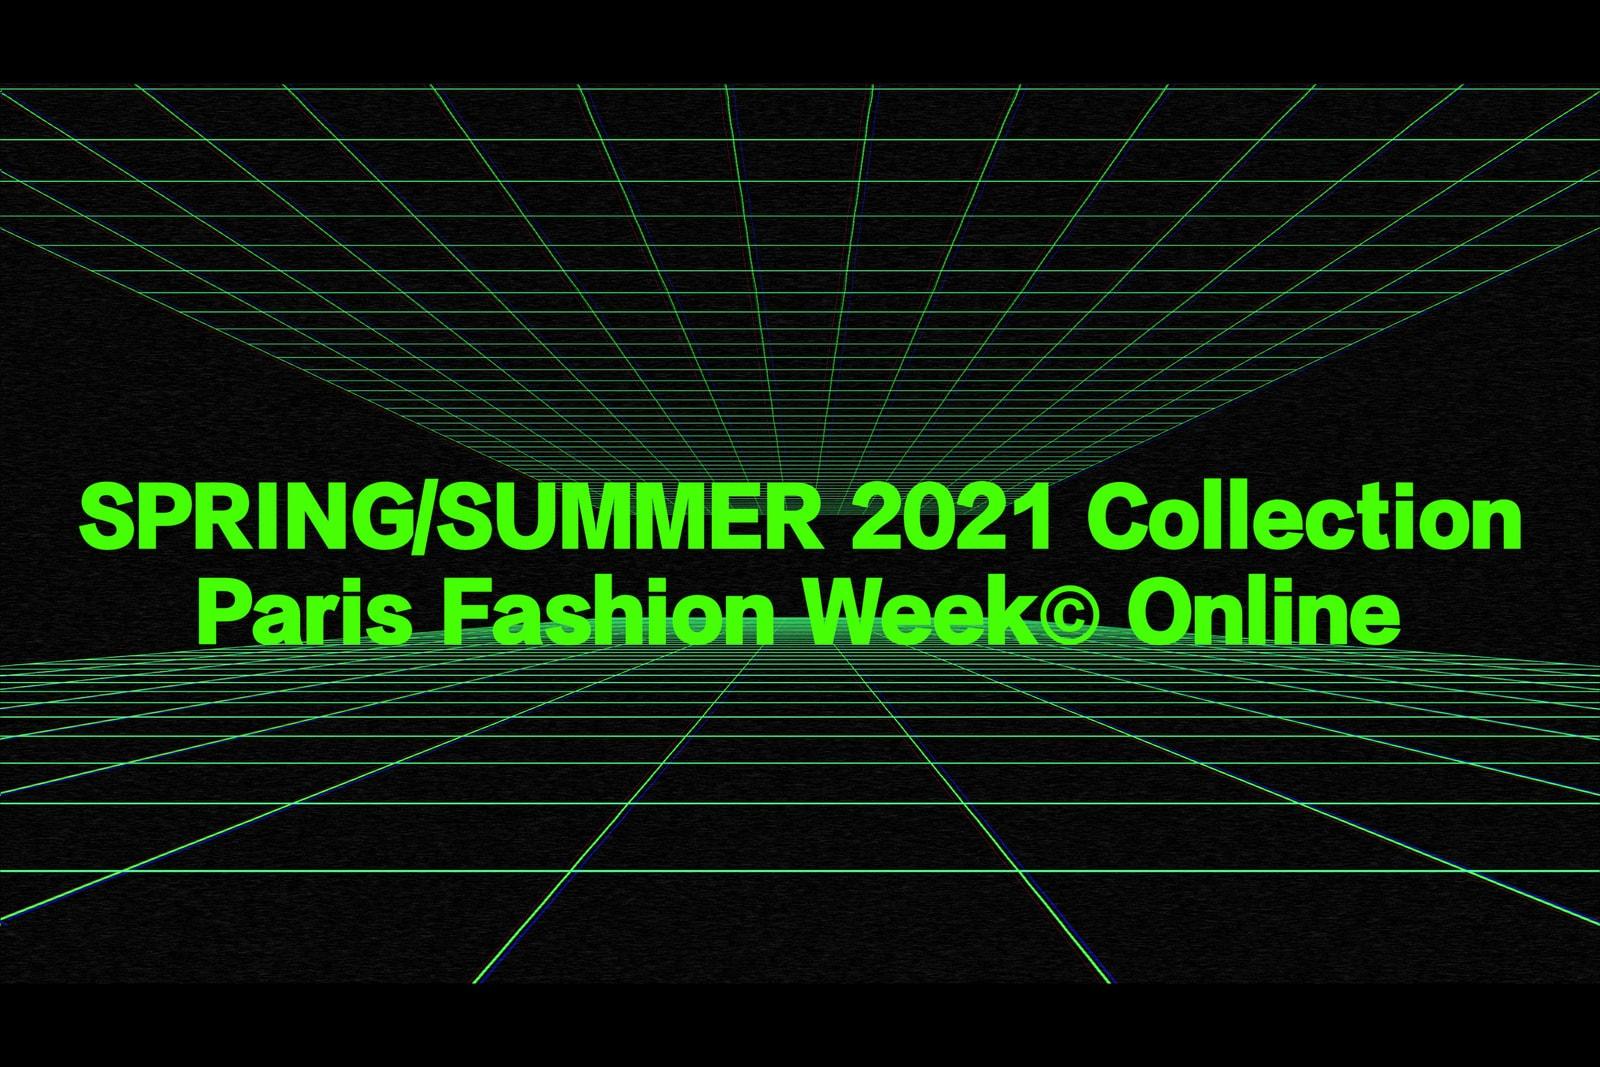 SANKUANZ 正式发布 2021 春夏系列